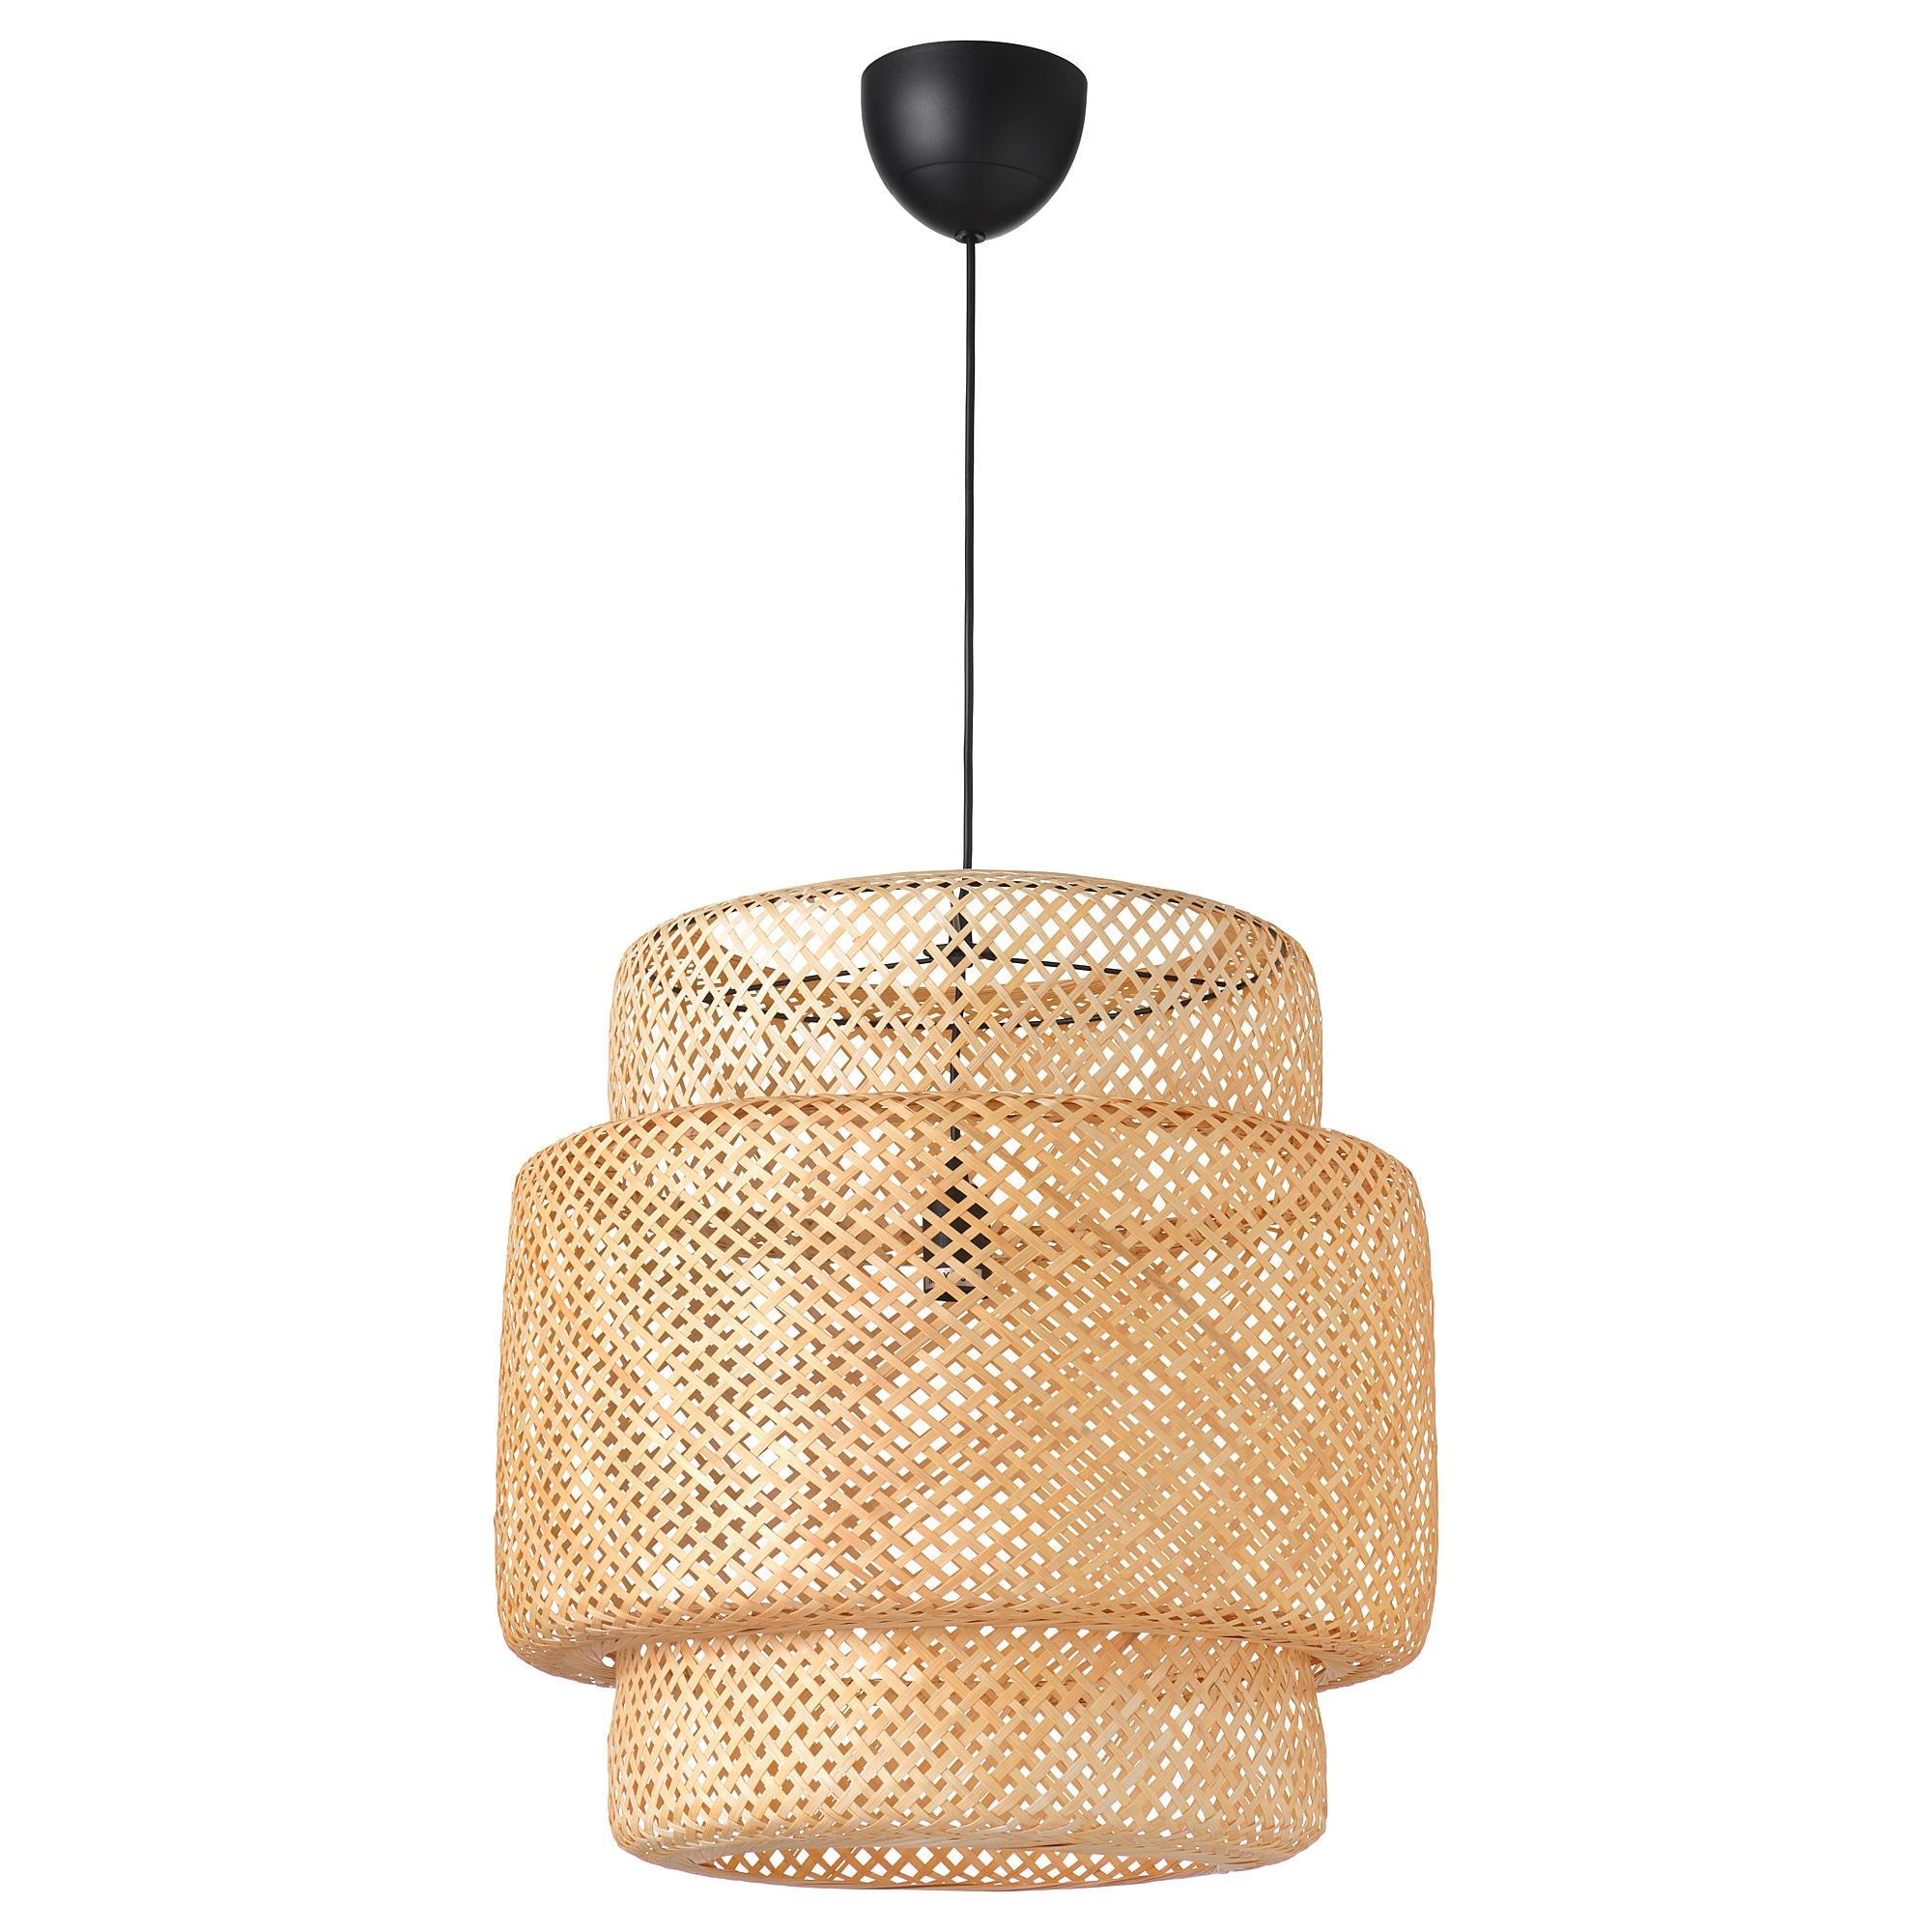 SINNERLIG Pendant lamp - bamboo | Pendant lamp, Ikea lamp ...